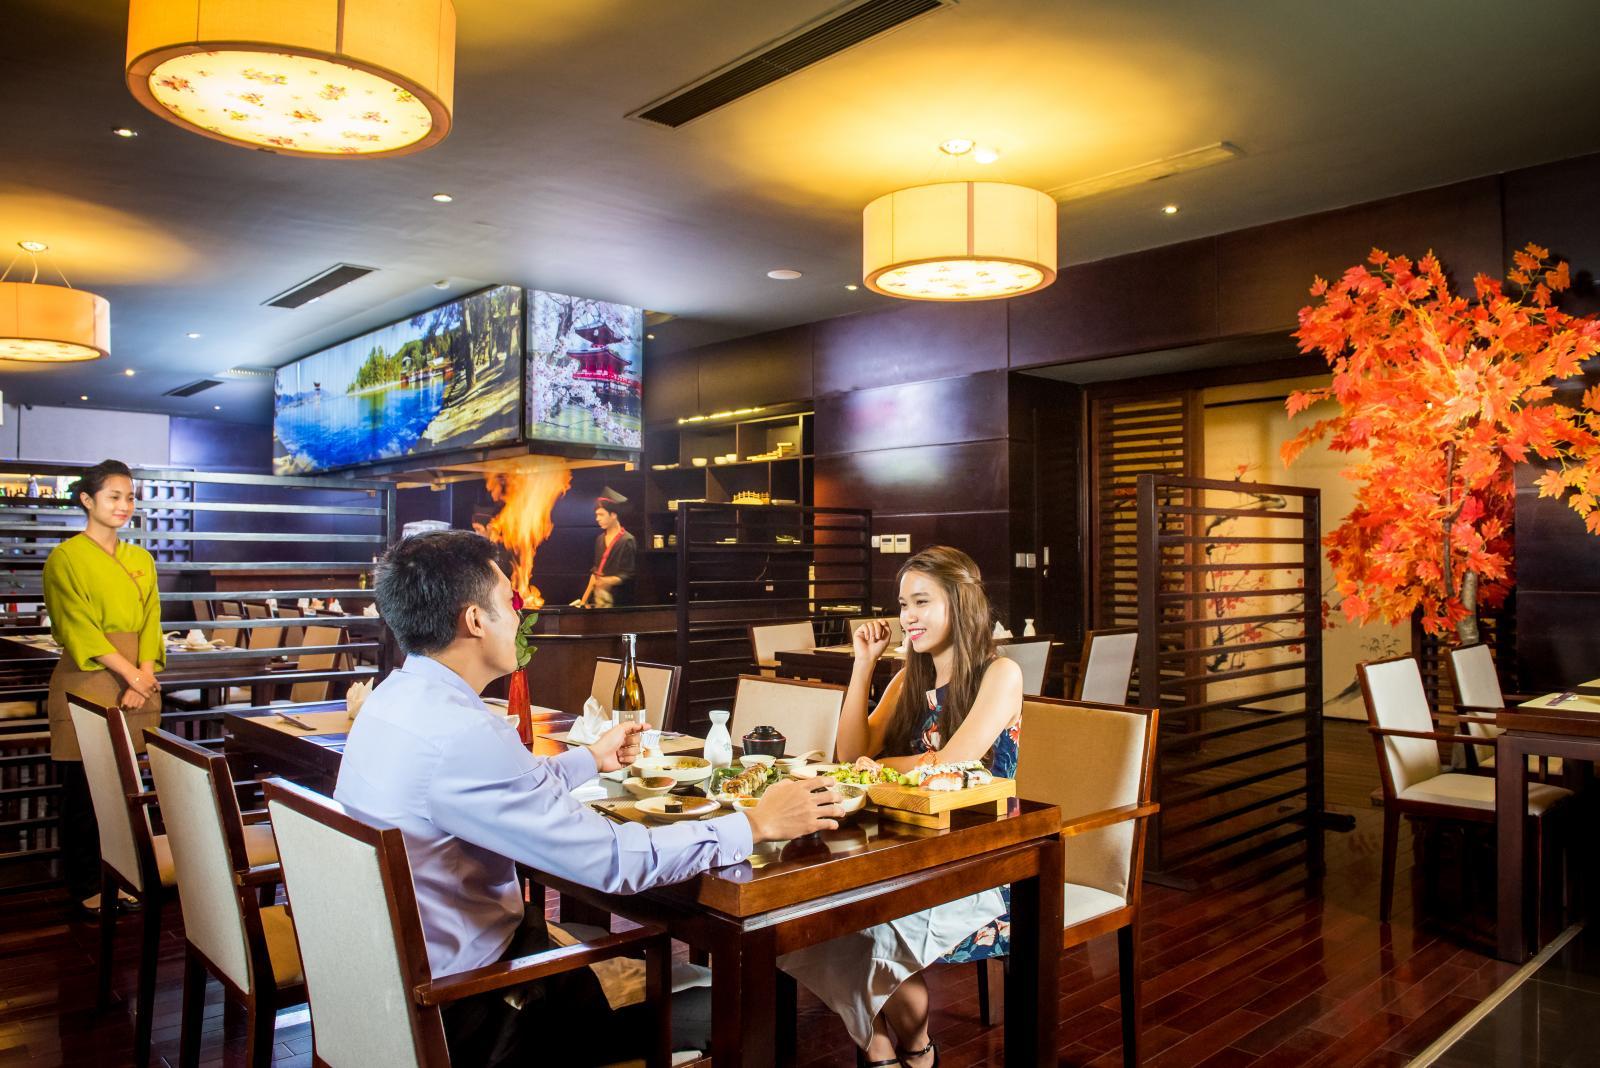 Kinh doanh quán ăn